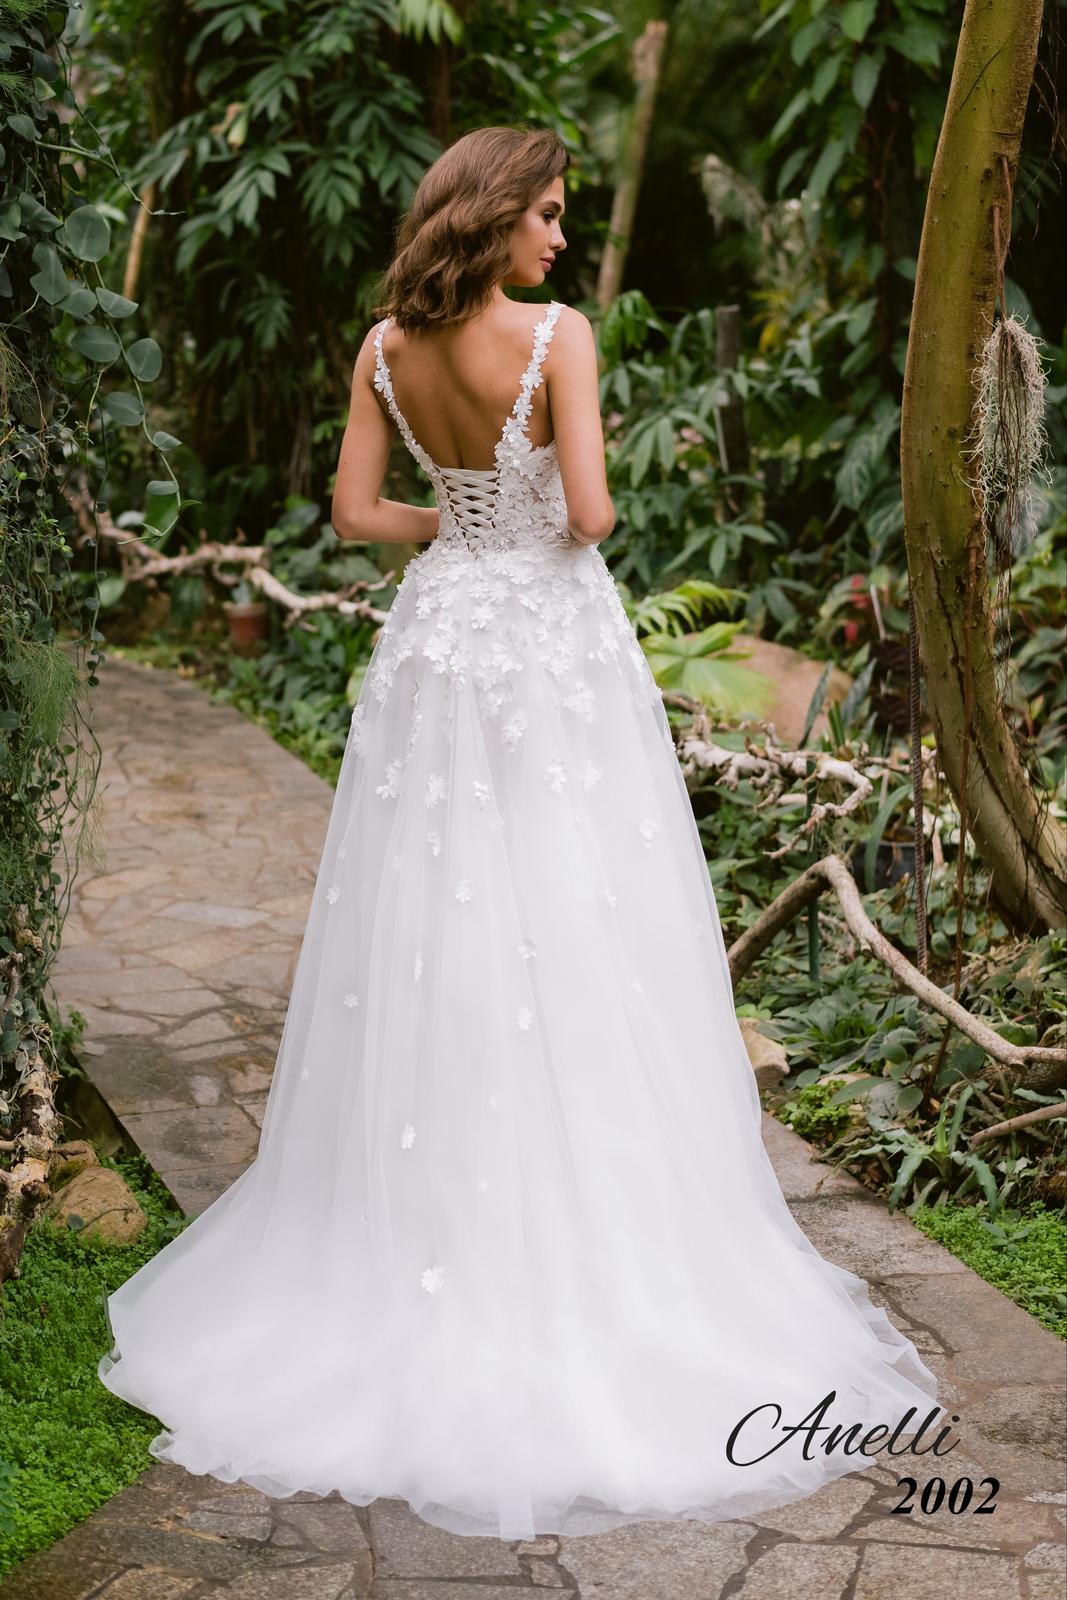 Svadobné šaty - Breeze 2002 - Obrázok č. 4